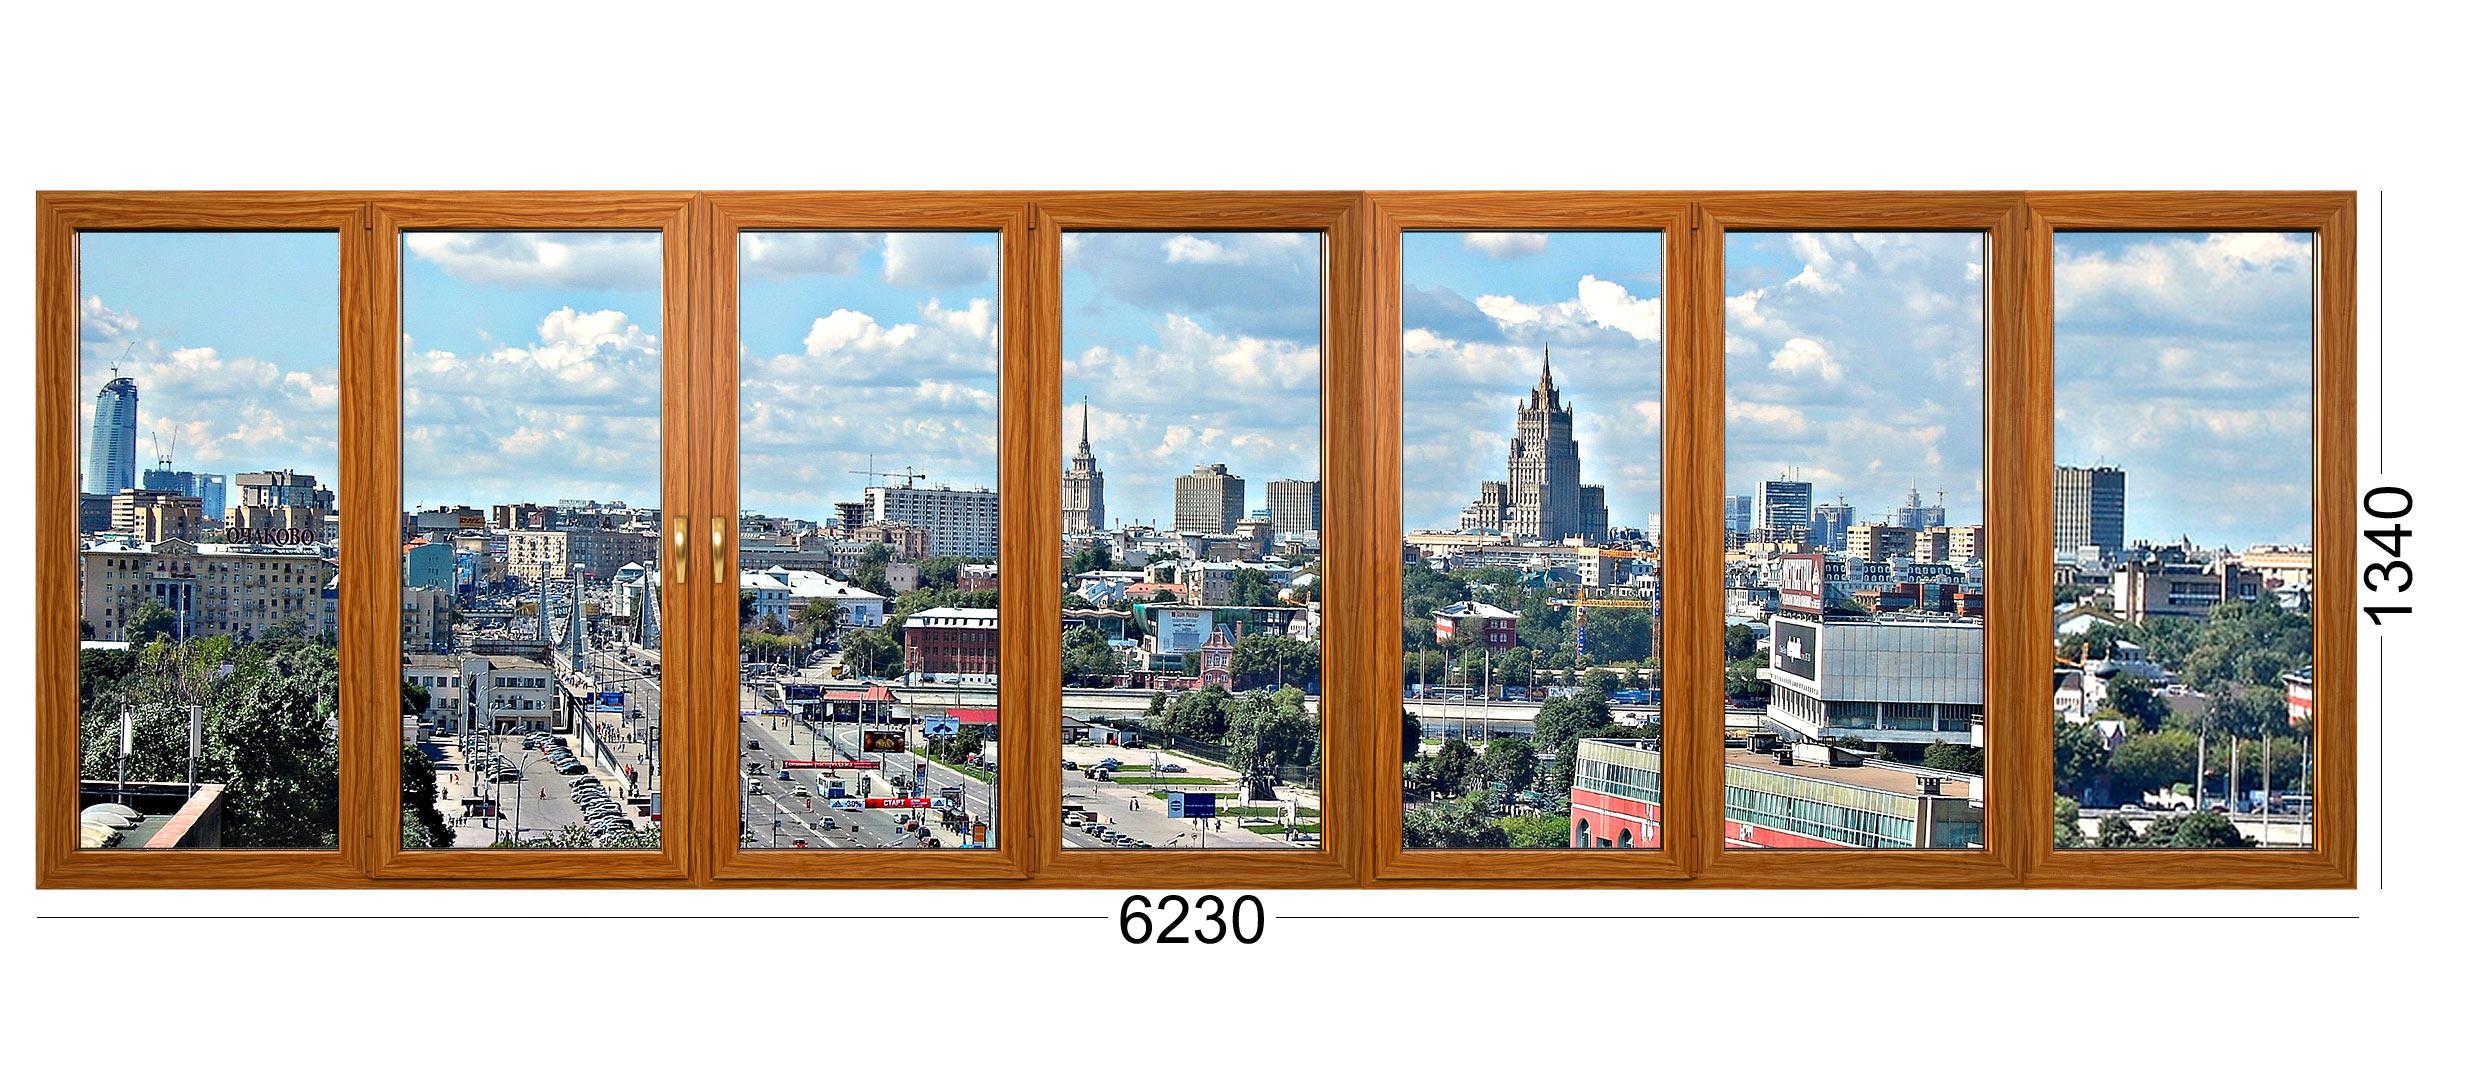 Конструкция лоджии. Рама деревянного окна для дома И-700А. Остекление балкона